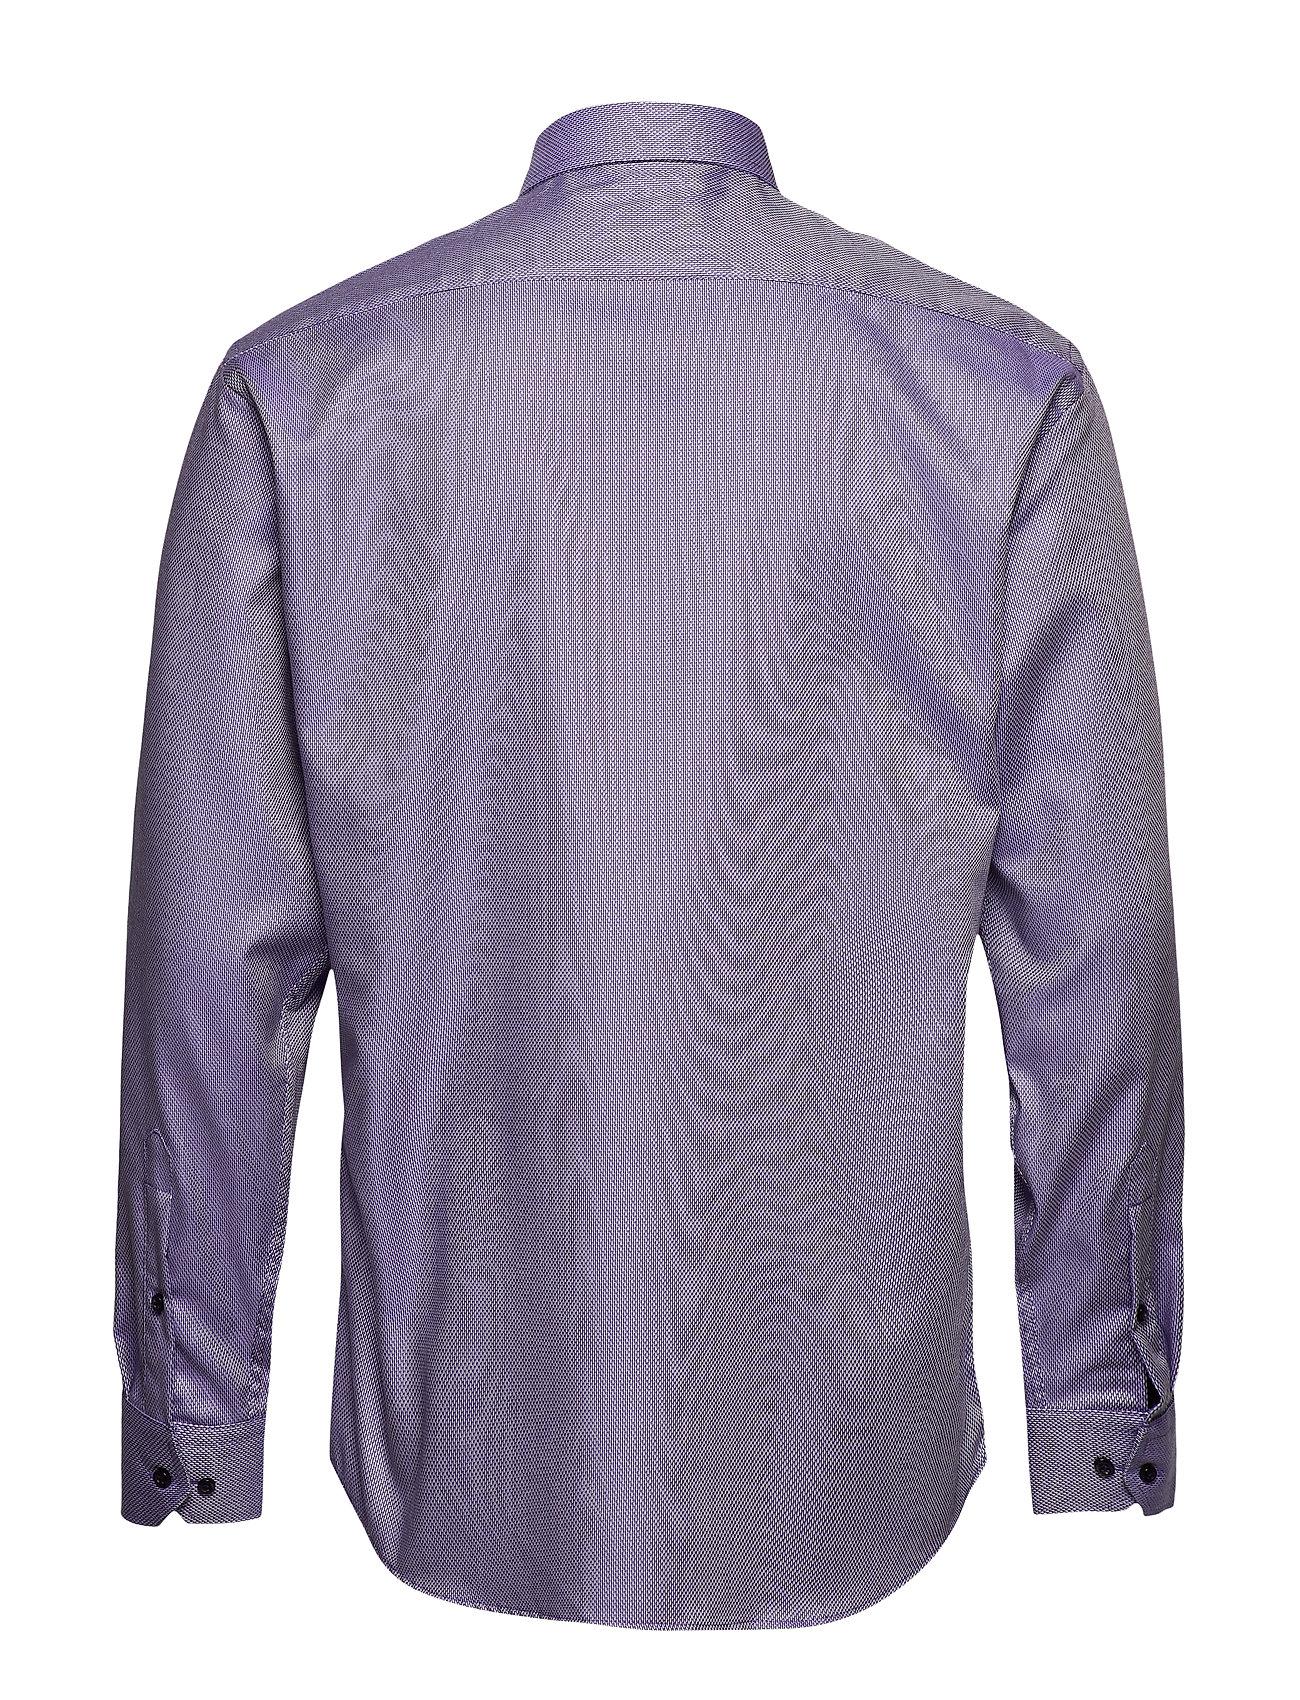 Seven Seas Copenhagen Liam (Purple) 359.40 kr | Stort utbud av designermärken ER0JhZO6